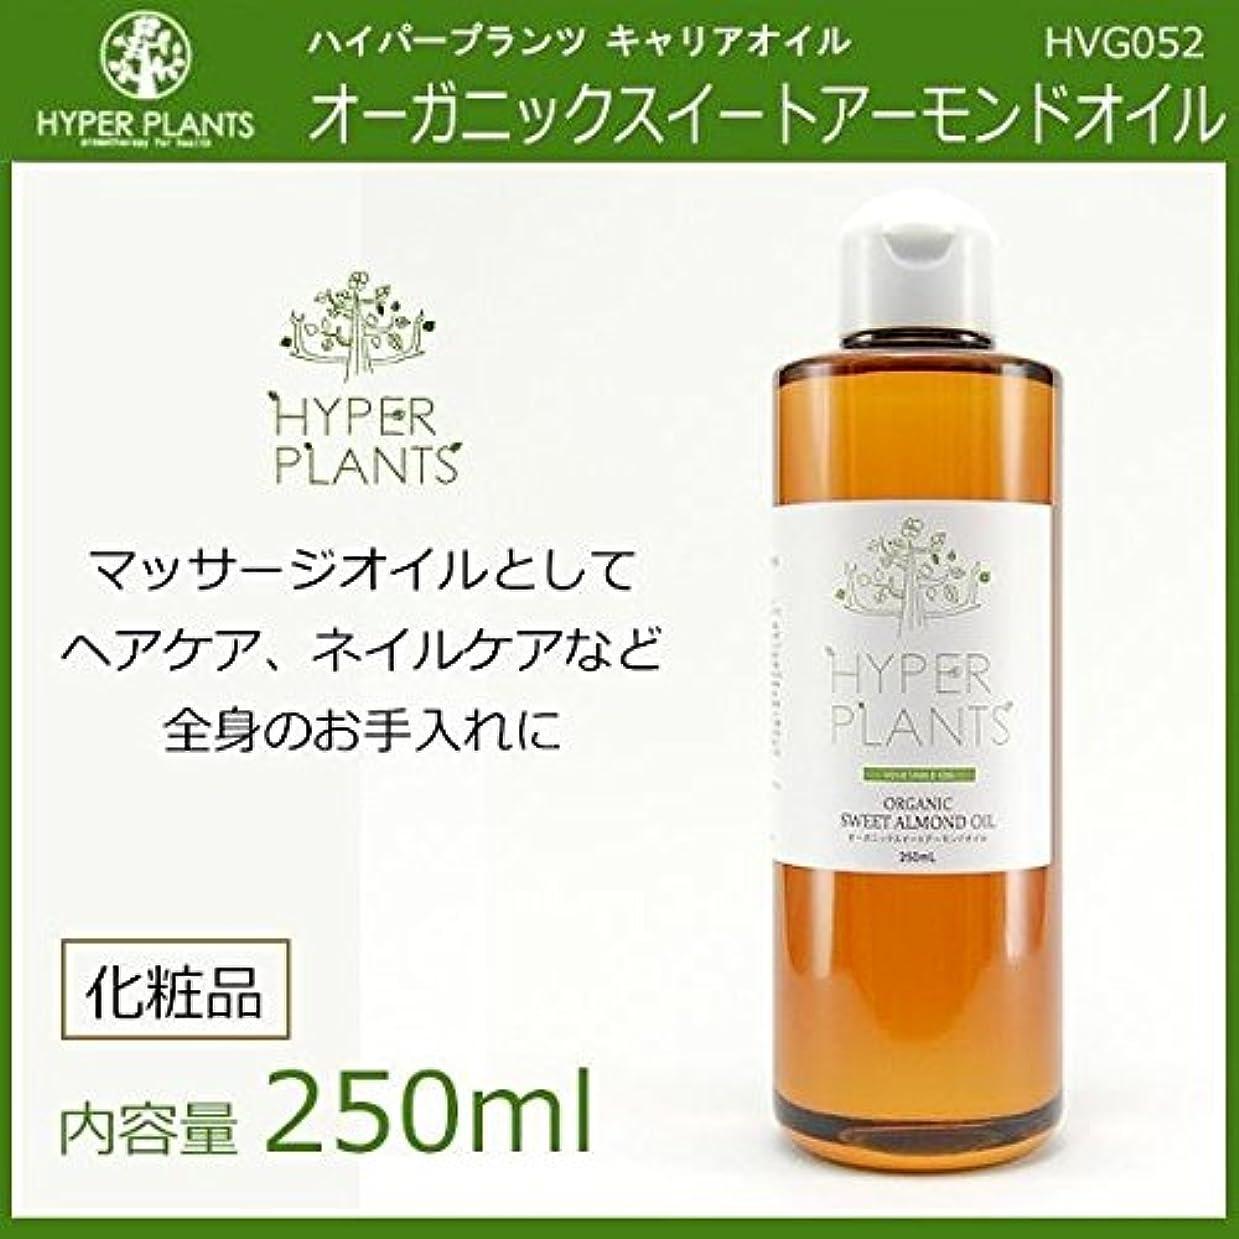 イソギンチャク恐ろしいバラ色HYPER PLANTS ハイパープランツ キャリアオイル オーガニックスイートアーモンドオイル 250ml HVG052